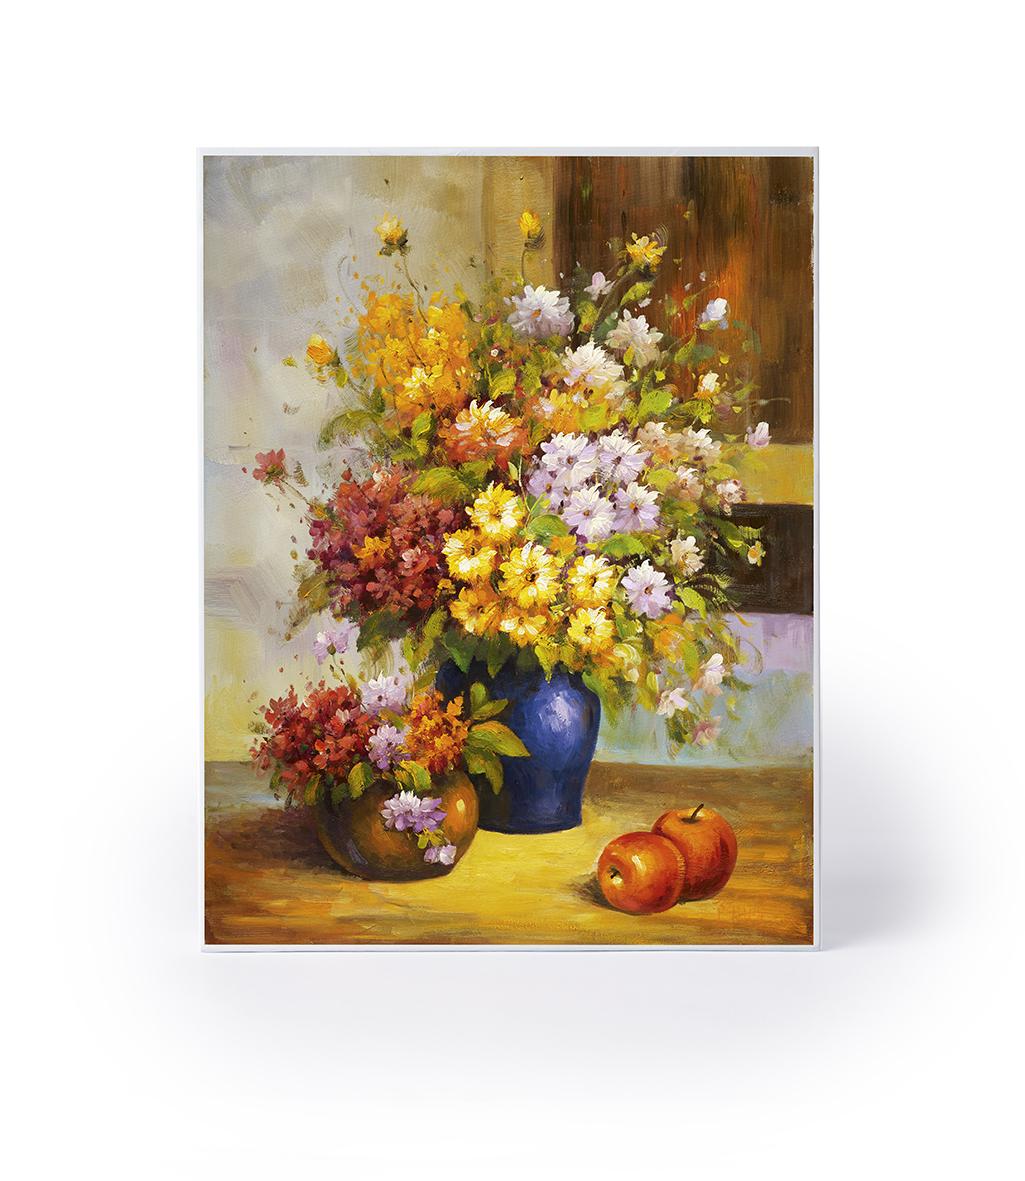 Puslespill med blomsterbukett i hver sin vase, to epler. Bilde.